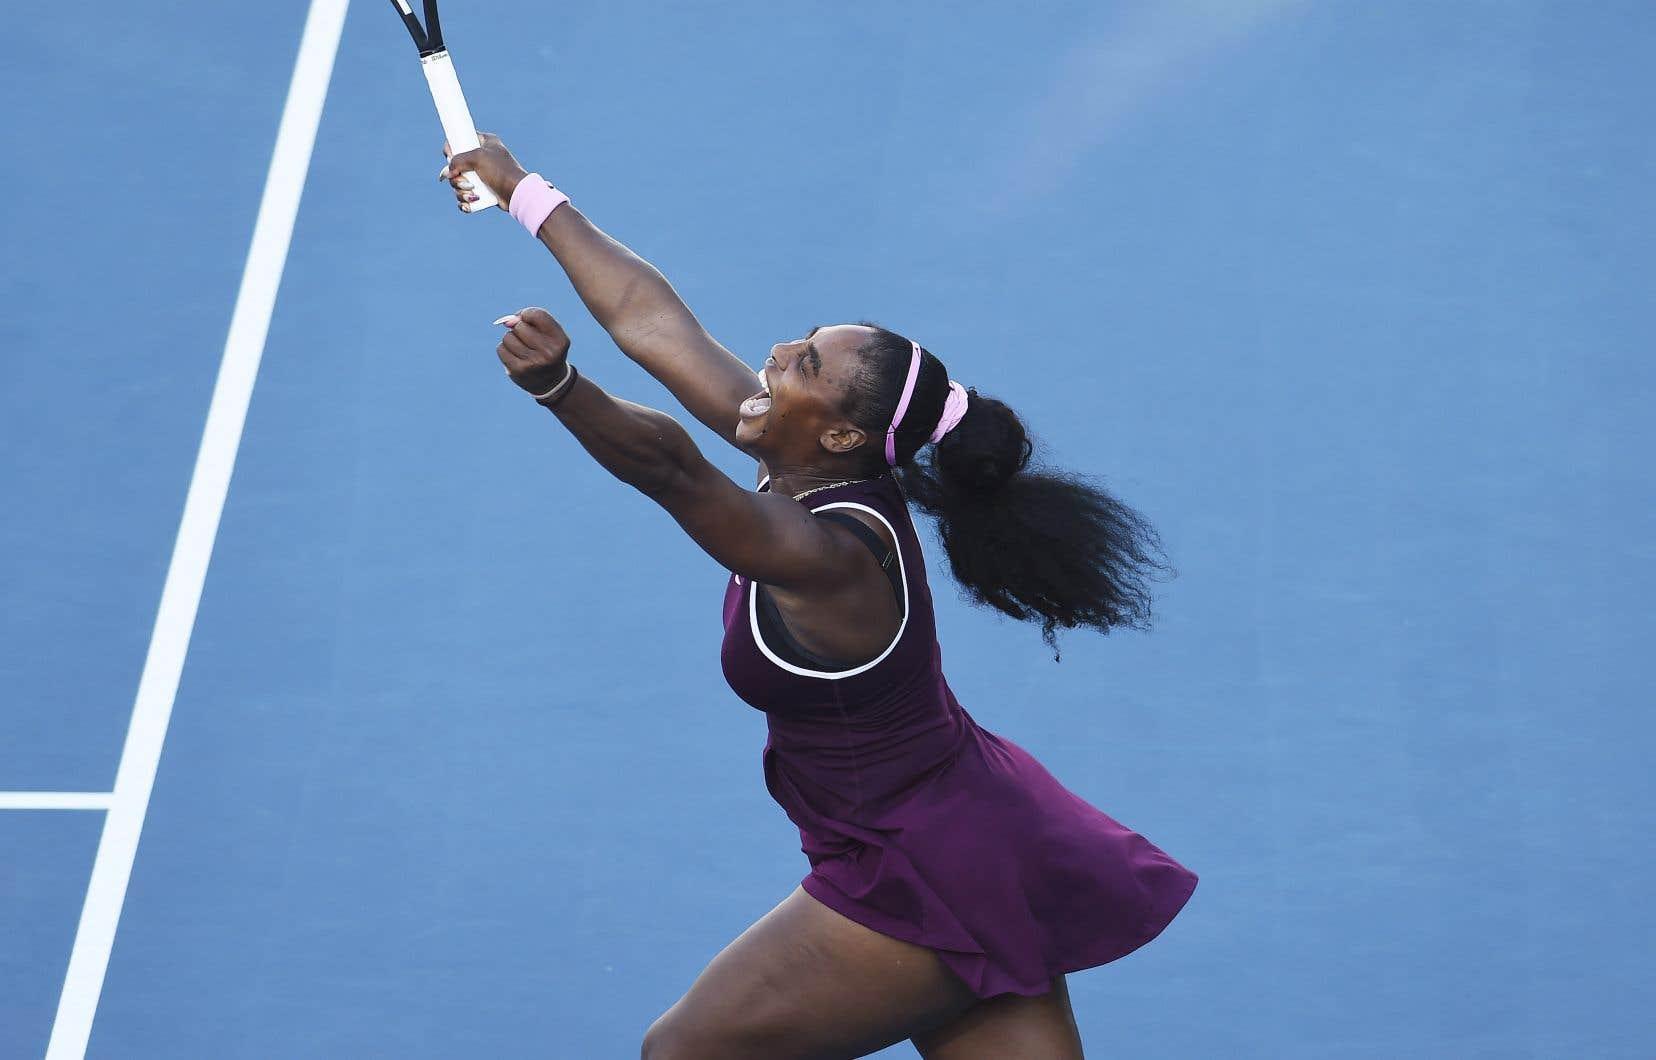 Depuis son retour à la compétition post-maternité, en mars 2018 à Indian Wells, elle avait disputé cinq finales, dont quatre en Grand Chelem, mais les avait toutes perdues.